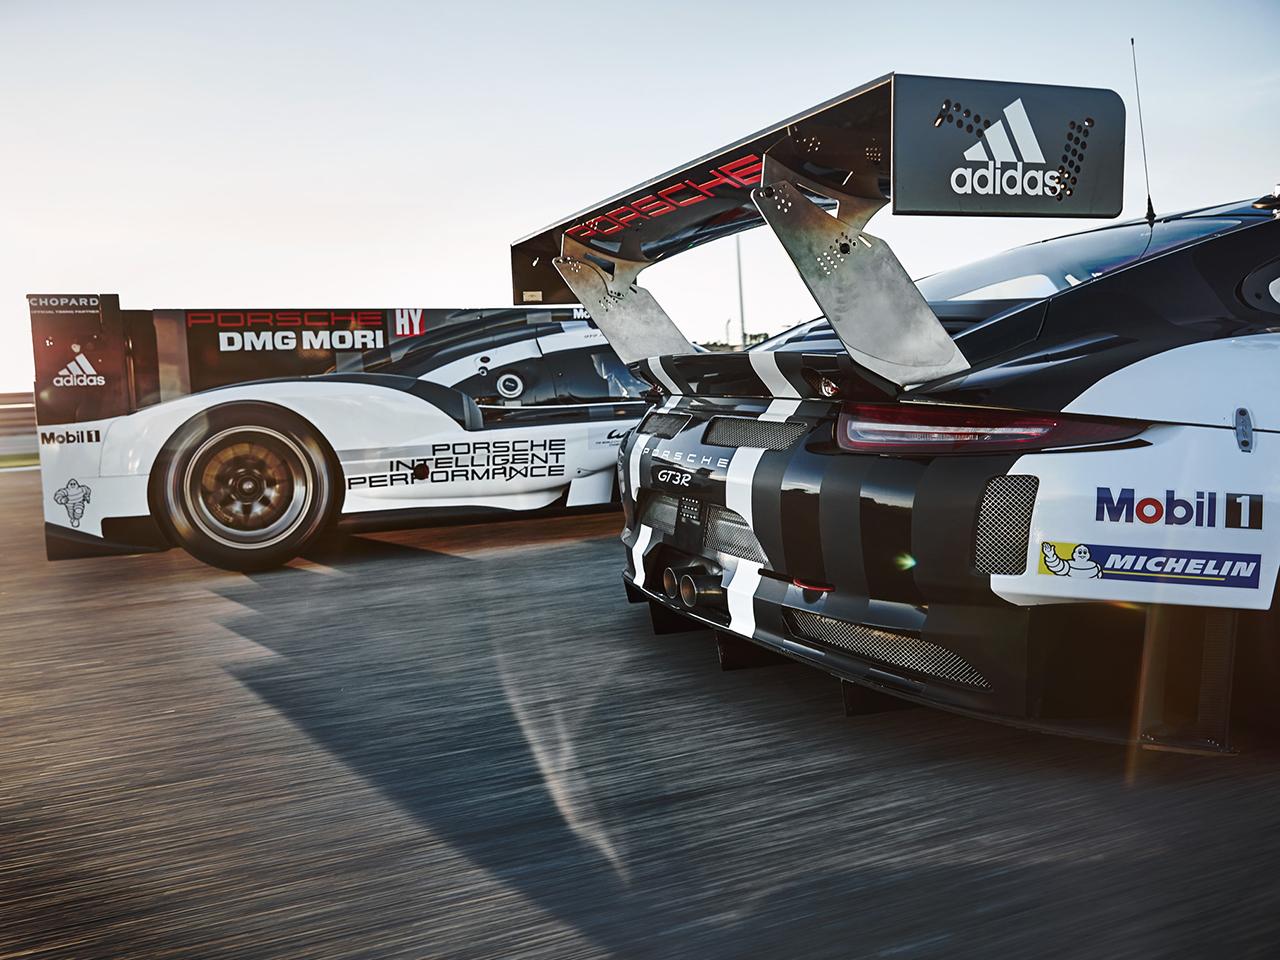 Porsche Erfahrung und Vertrauen. Starke Partner.